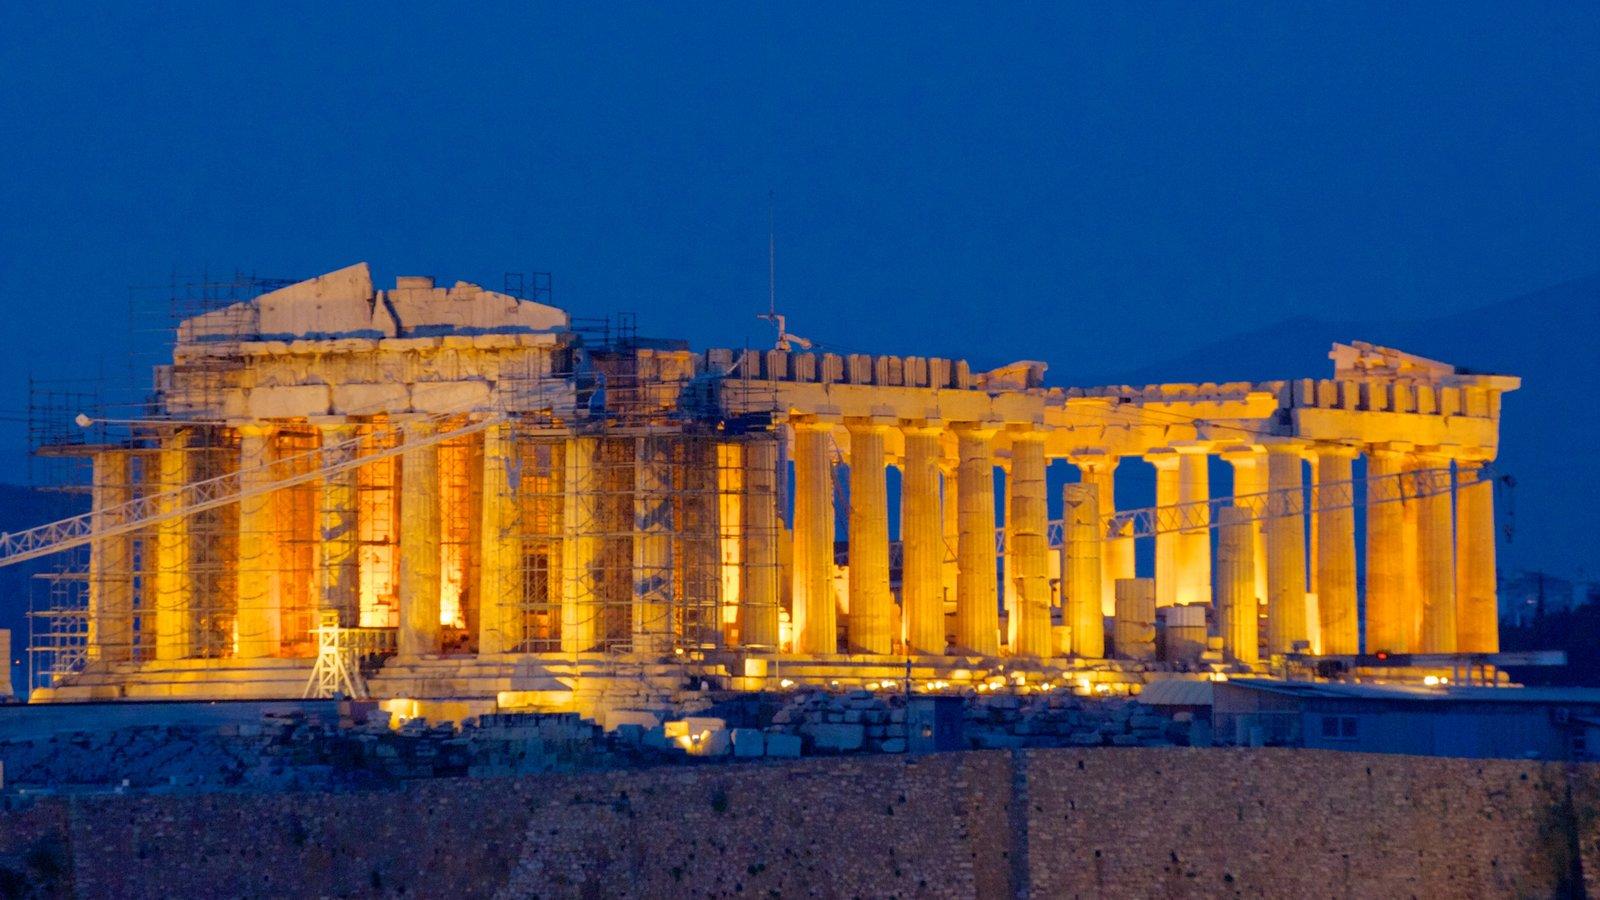 Acrópole que inclui cenas noturnas, arquitetura de patrimônio e elementos de patrimônio